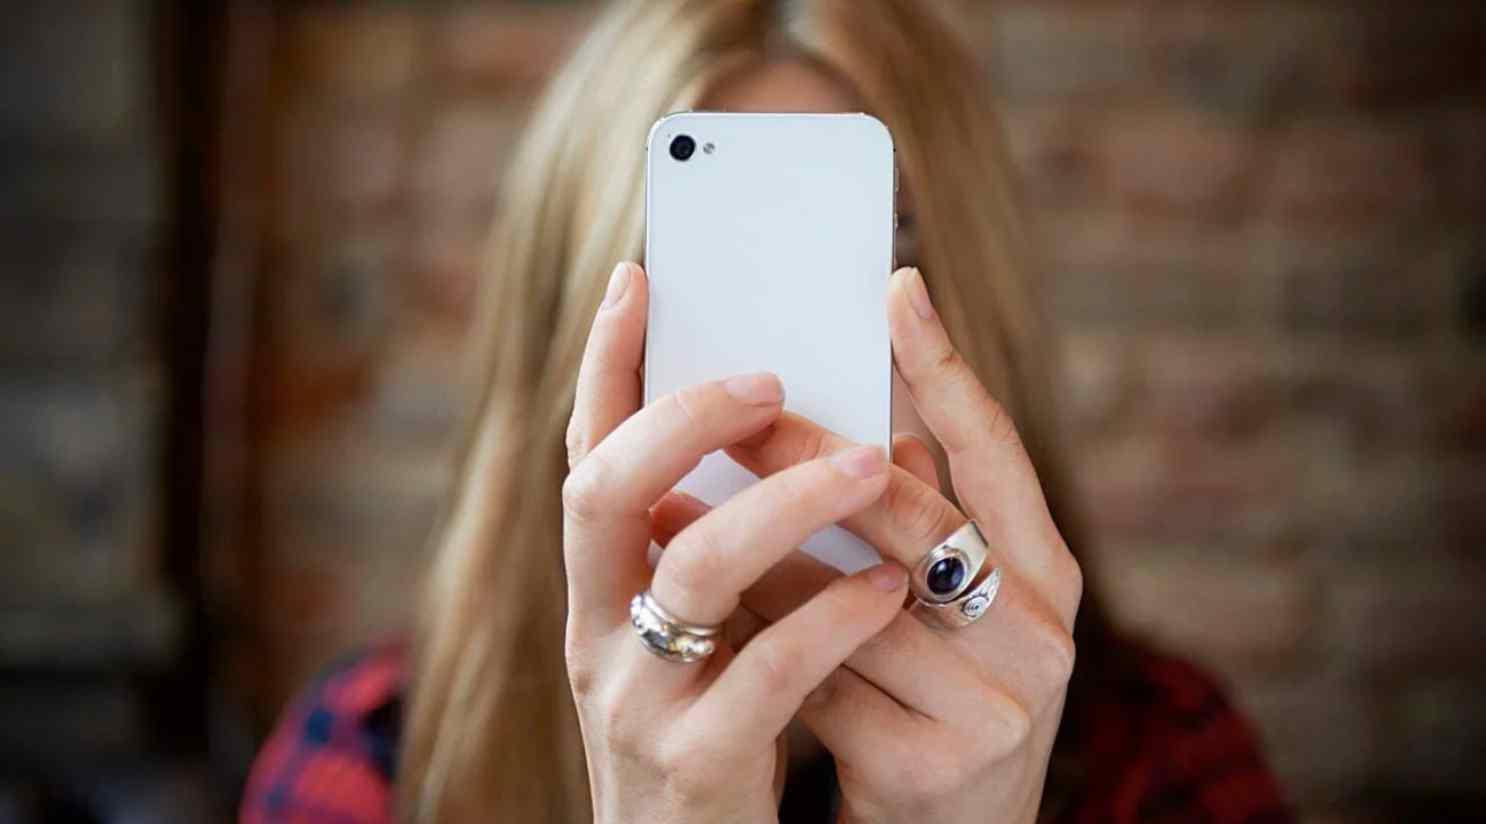 Новый фильм BBC раскрывает трюки Facebook, Snapchat и Twitter, которые вызывают зависимость